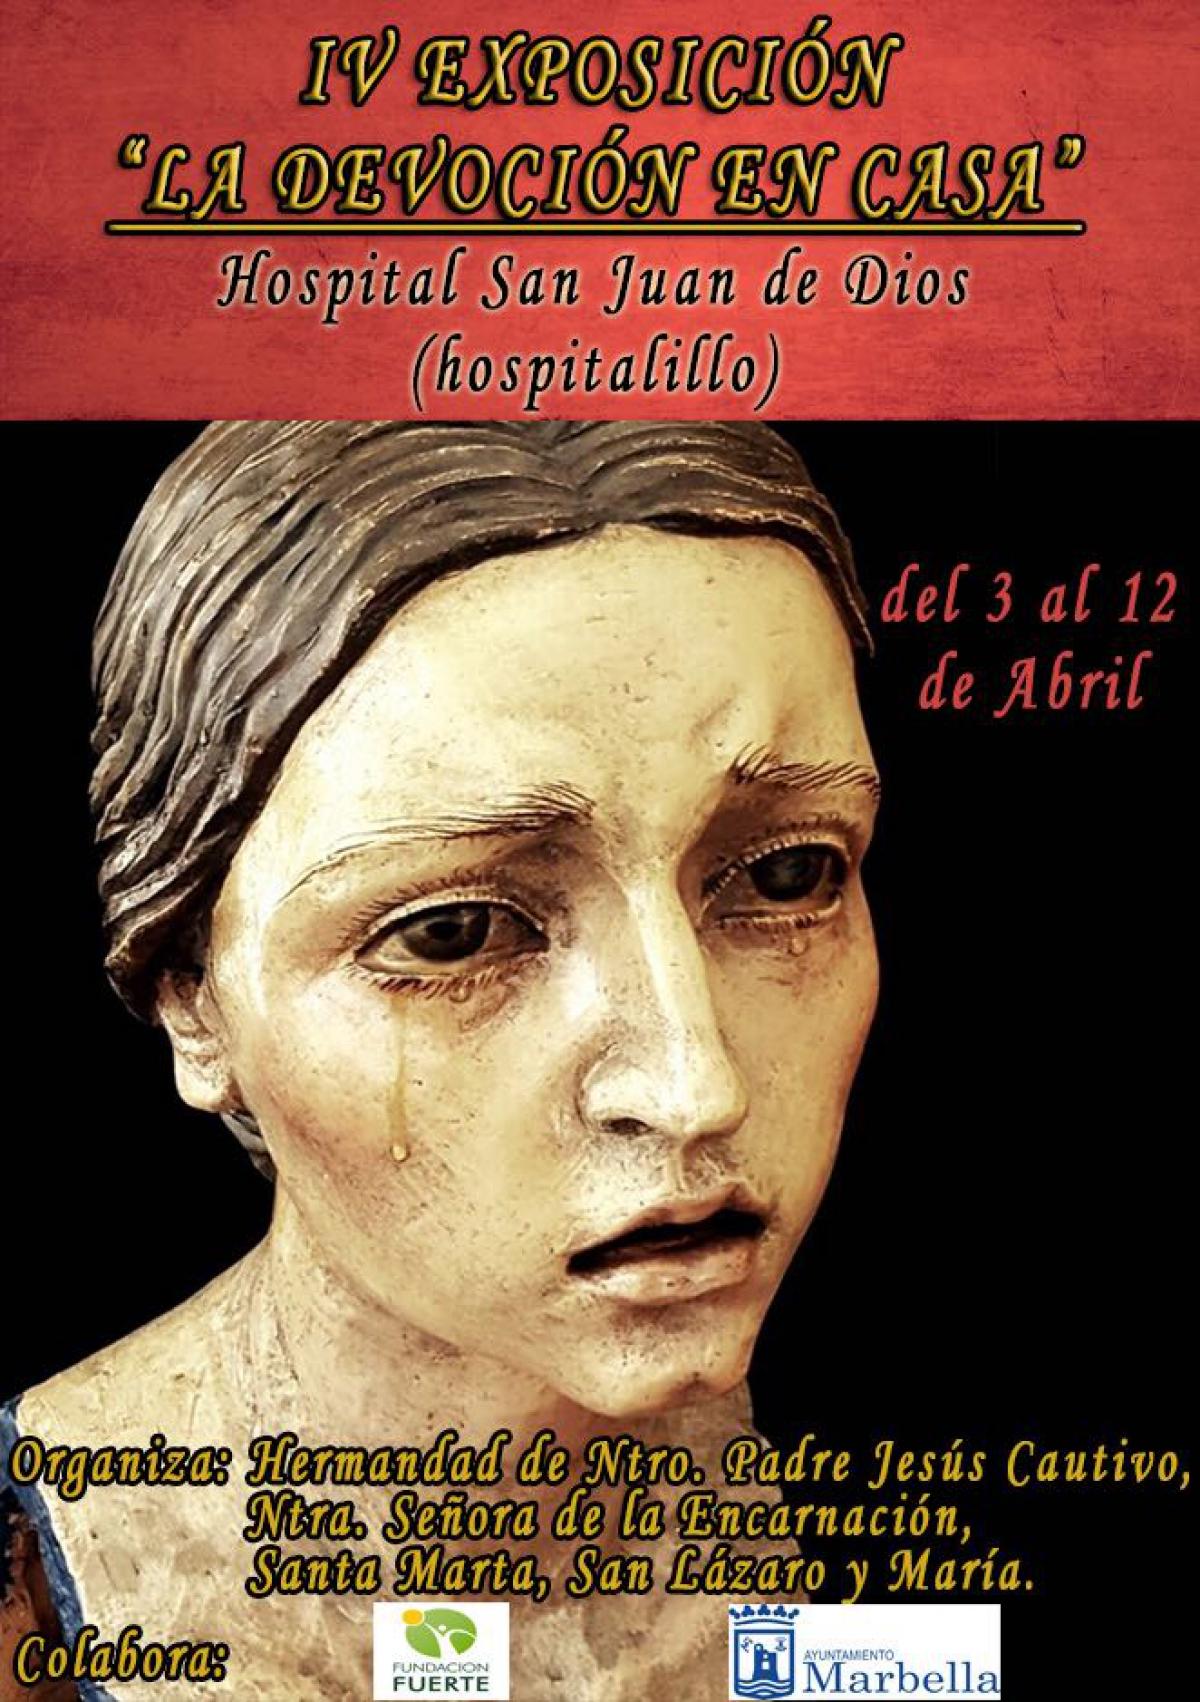 Inauguración de la exposición 'La devoción en casa' en el Hospital Real de la Misericordia